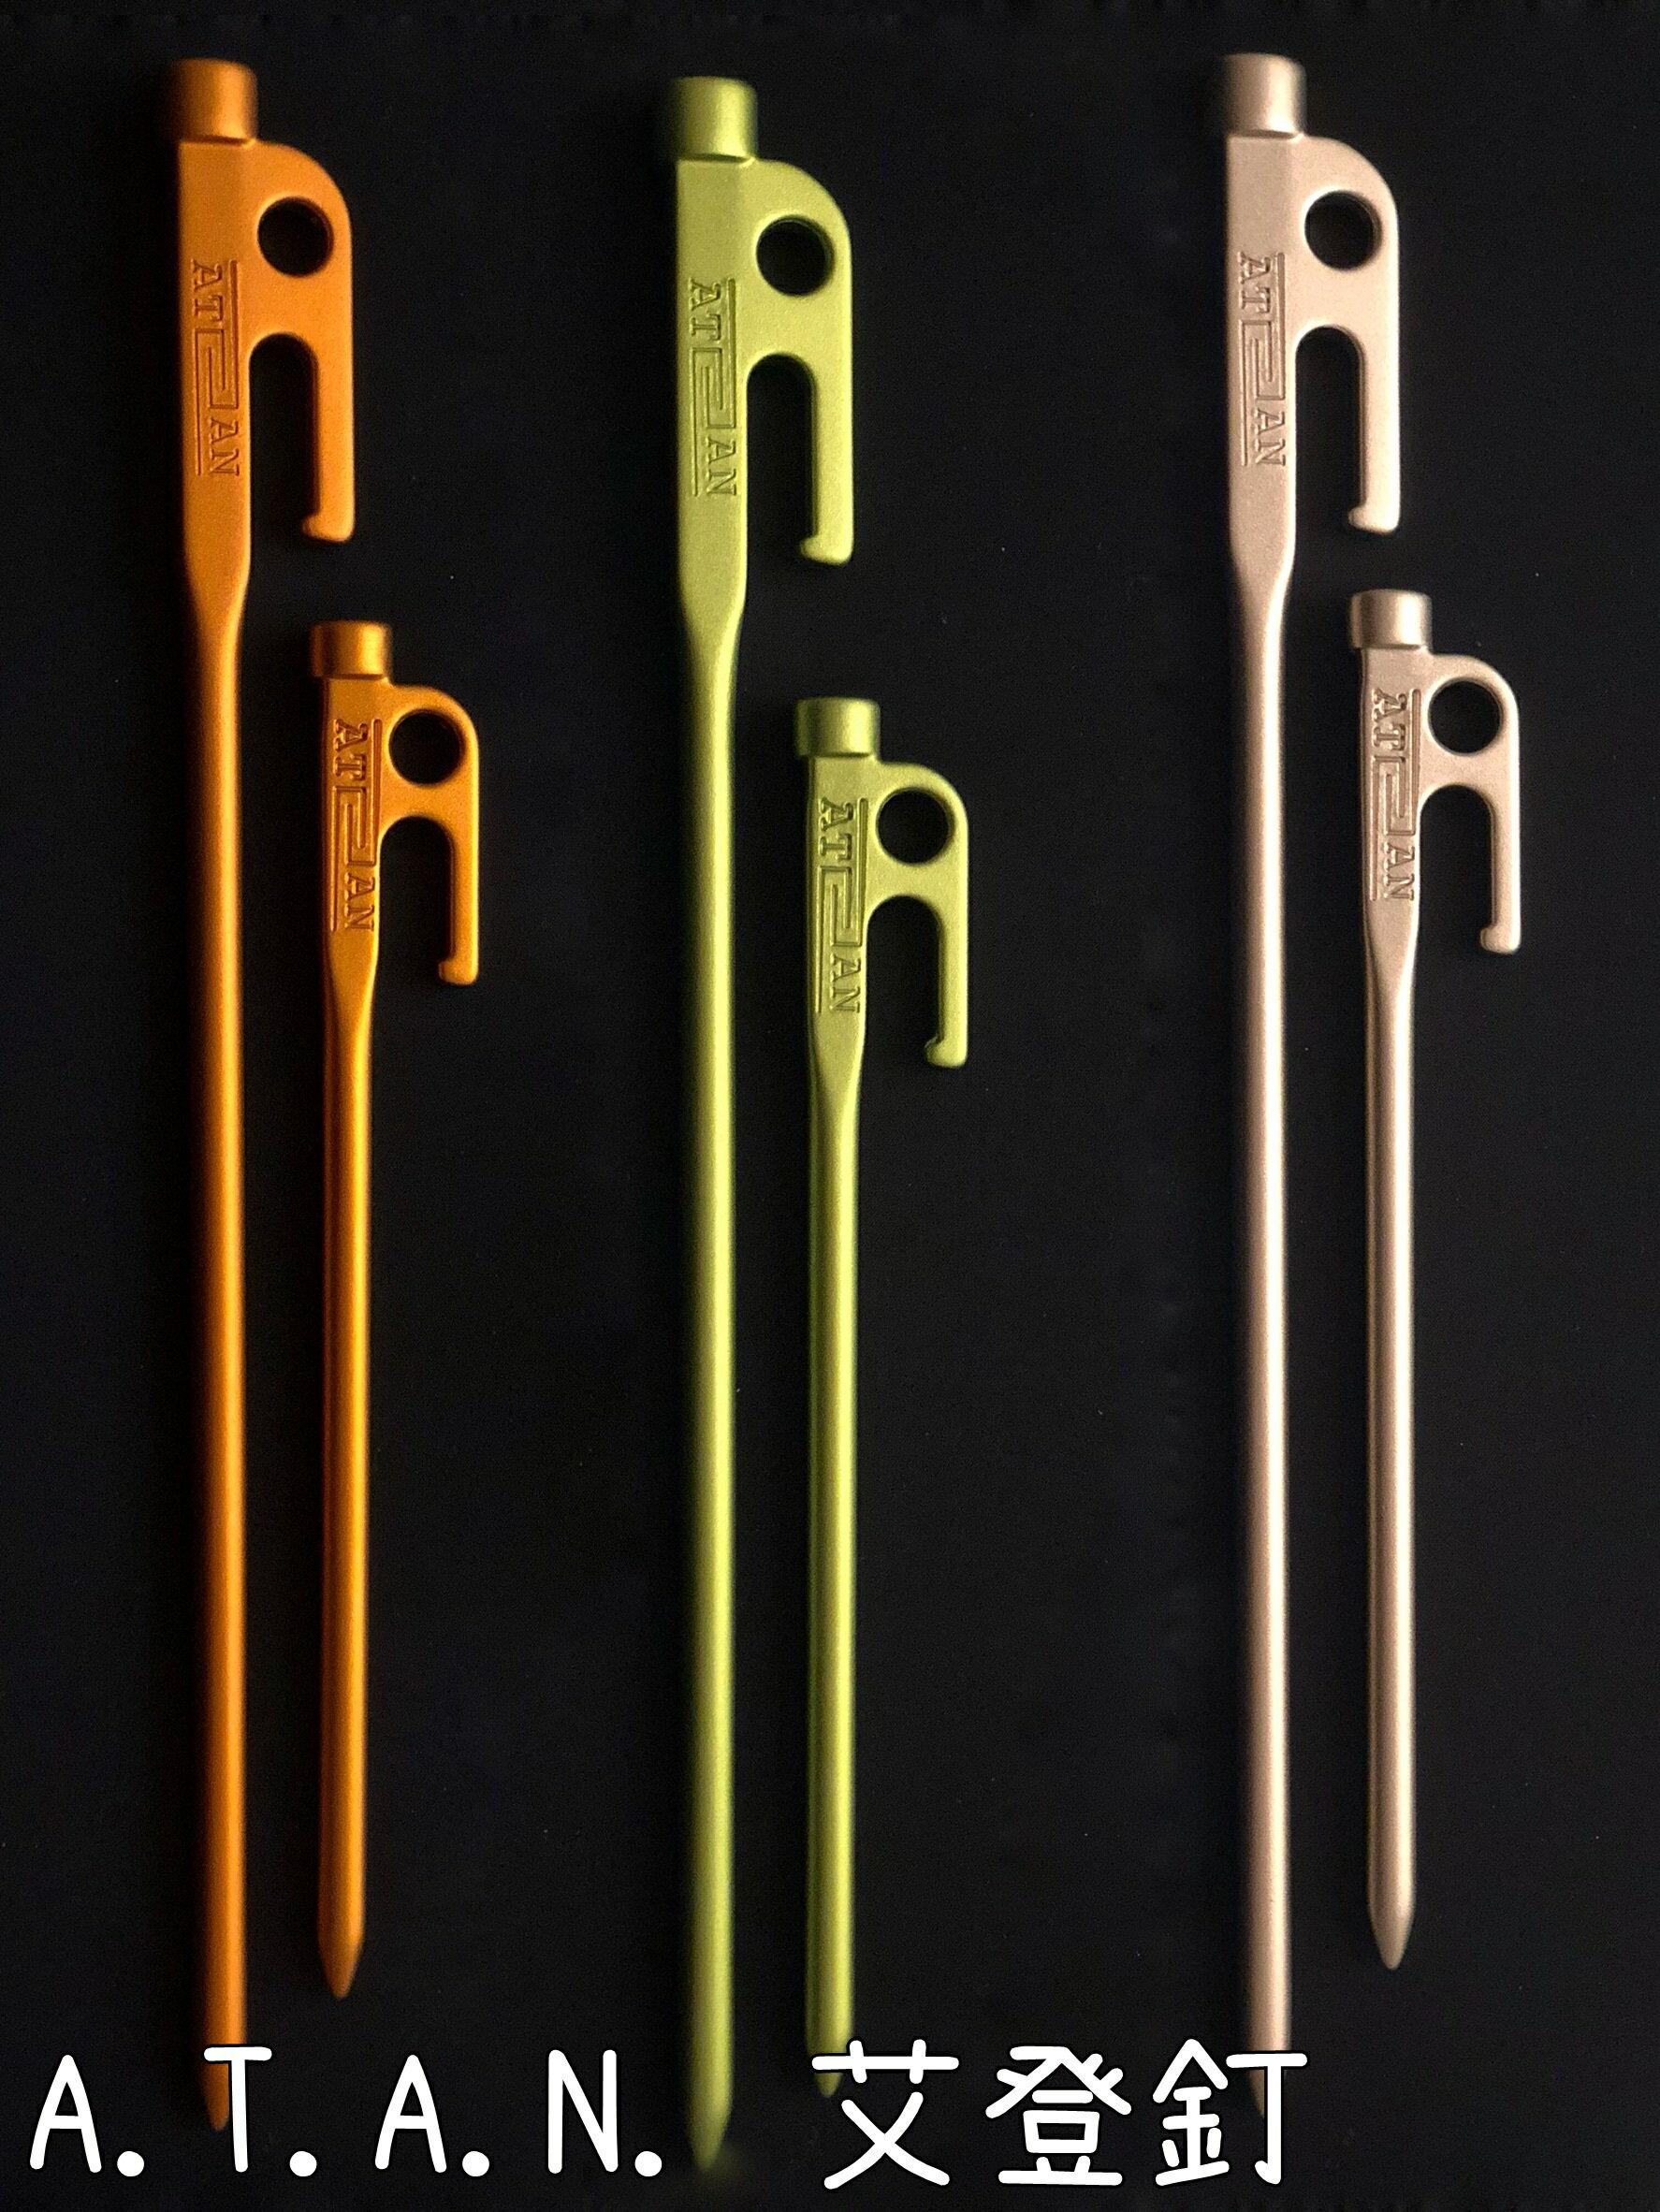 【野道家】A.T.A.N. 艾登釘 超輕量航太金屬鍛造鋁製營釘 營釘